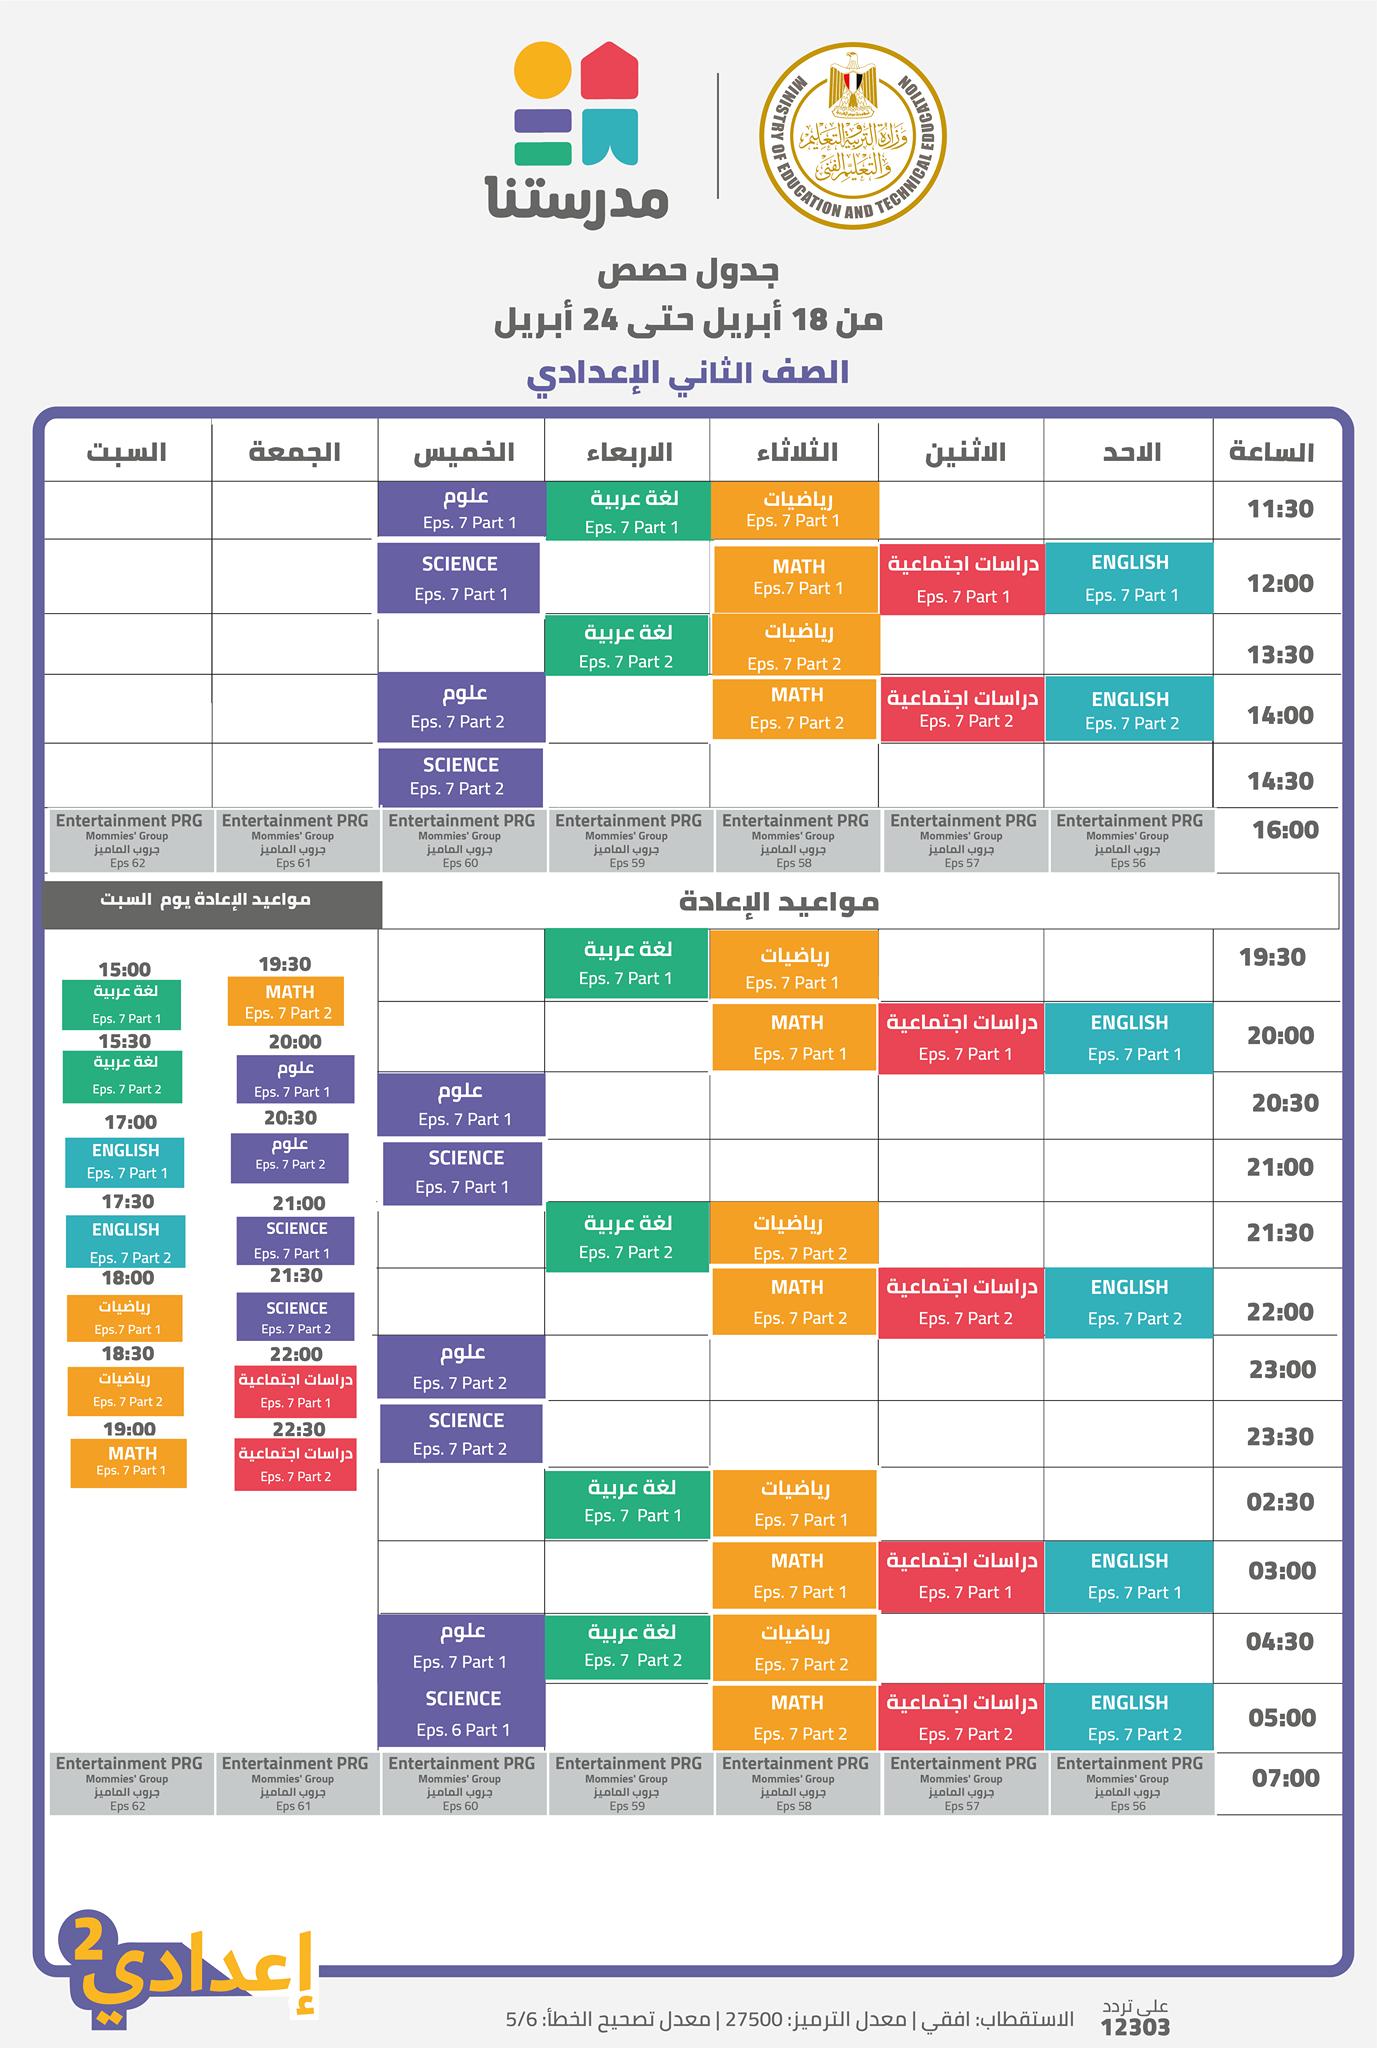 جدول مواعيد البرامج التعليمية علي قناة مدرستنا التعليمية من 18 أبريل إلي 24 أبريل 2021 6